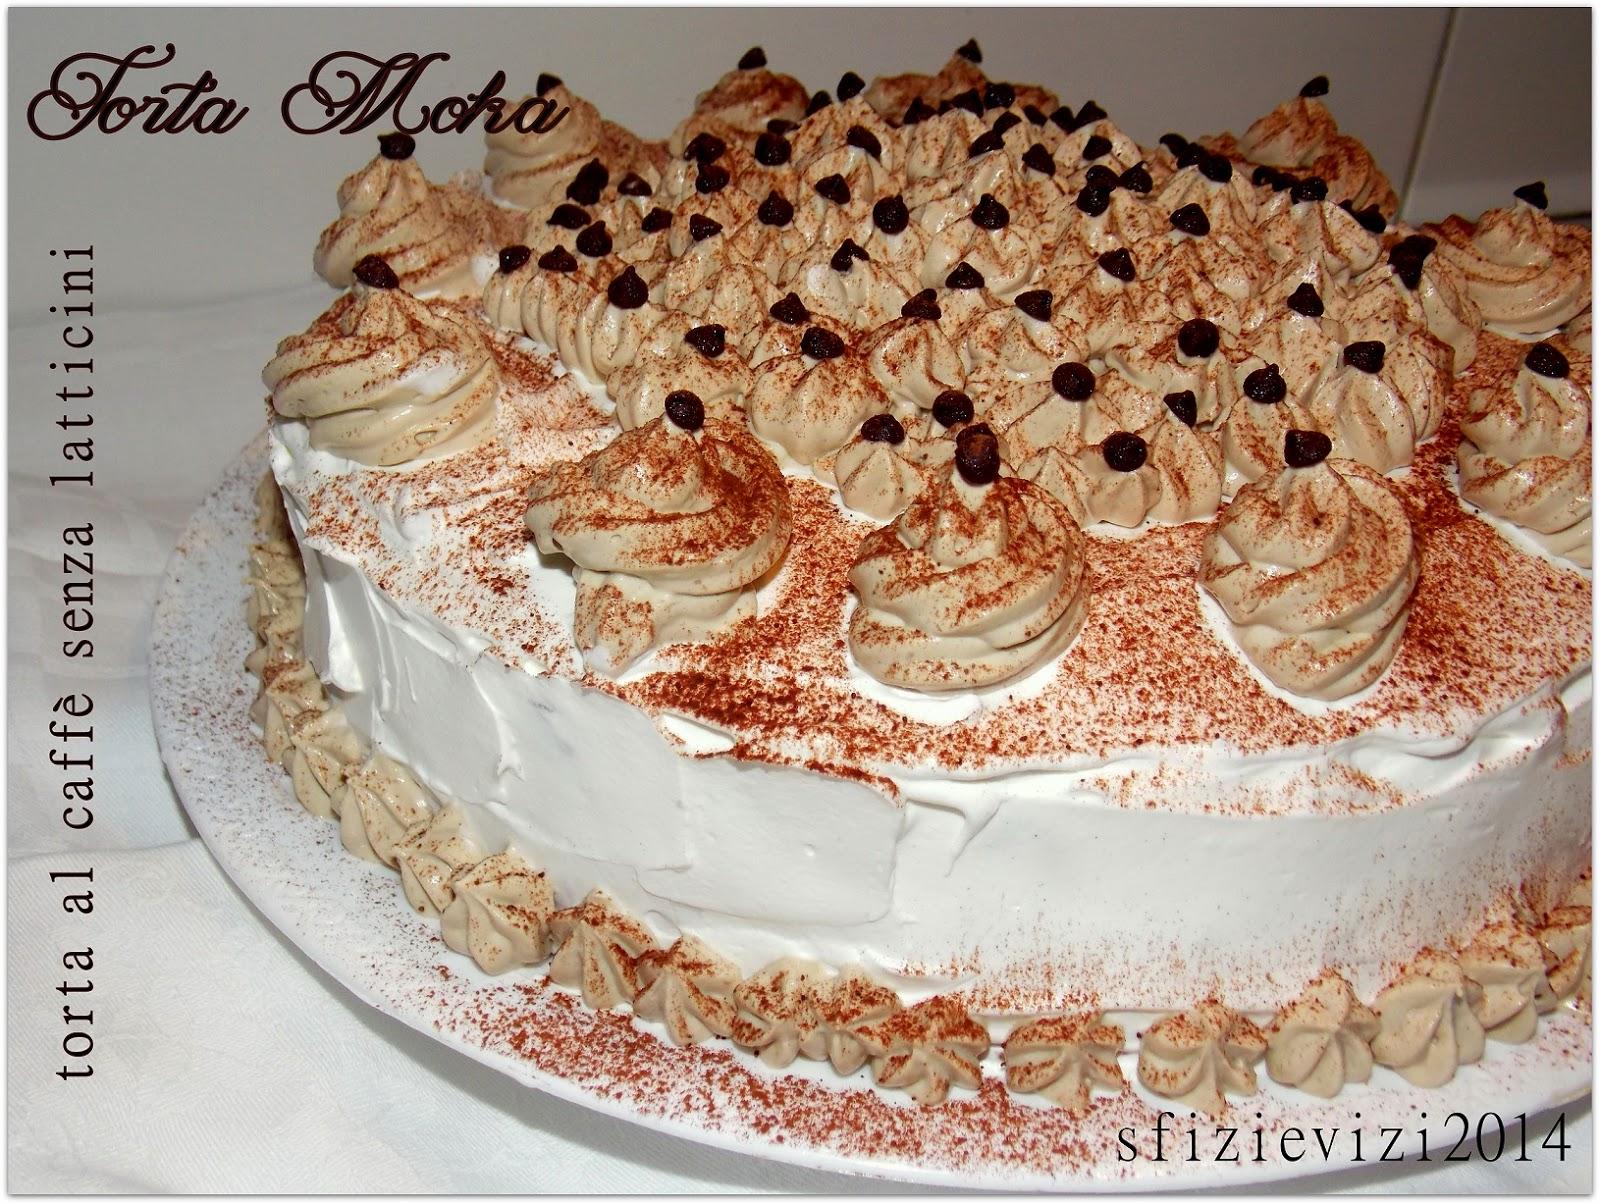 torta moka al caffè ovvero torta di compleanno con crema chantilly al caffè, ricetta senza latticini -